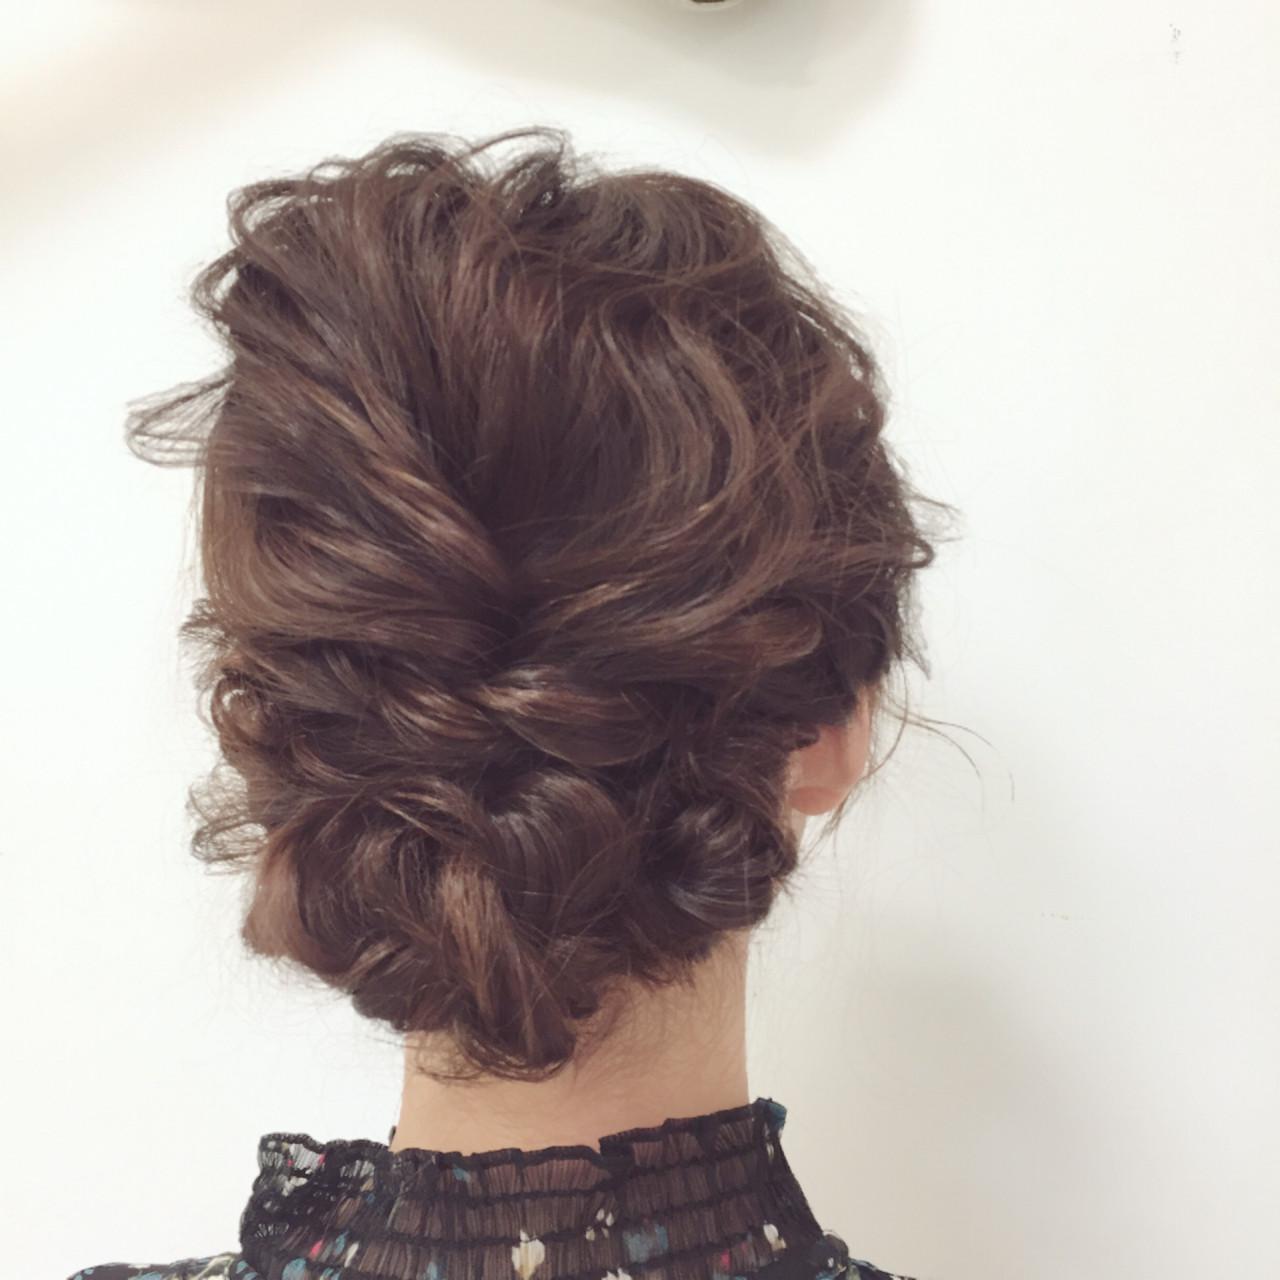 セミロング 結婚式 ヘアアレンジ ゆるふわ ヘアスタイルや髪型の写真・画像